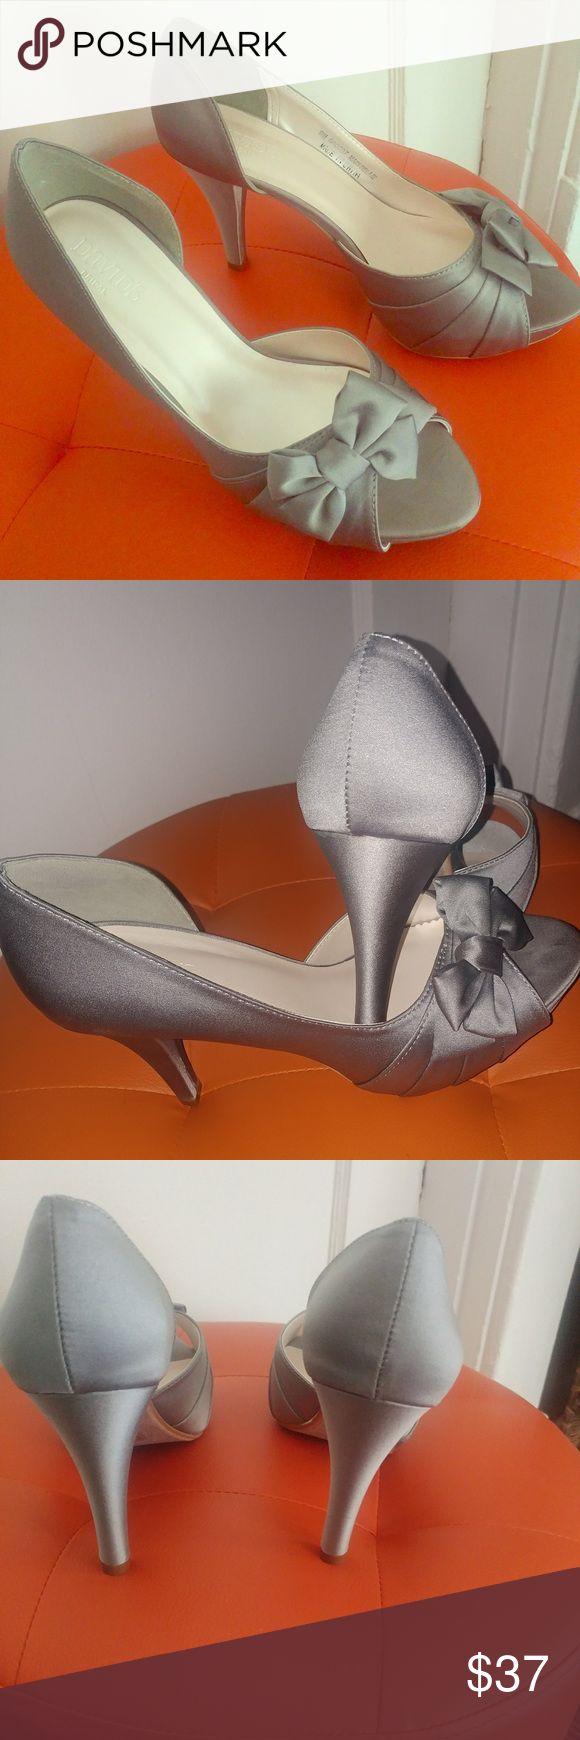 Peep toe 3in heel Satin finish 3 inch heel with peep toe David's Bridal Shoes Heels